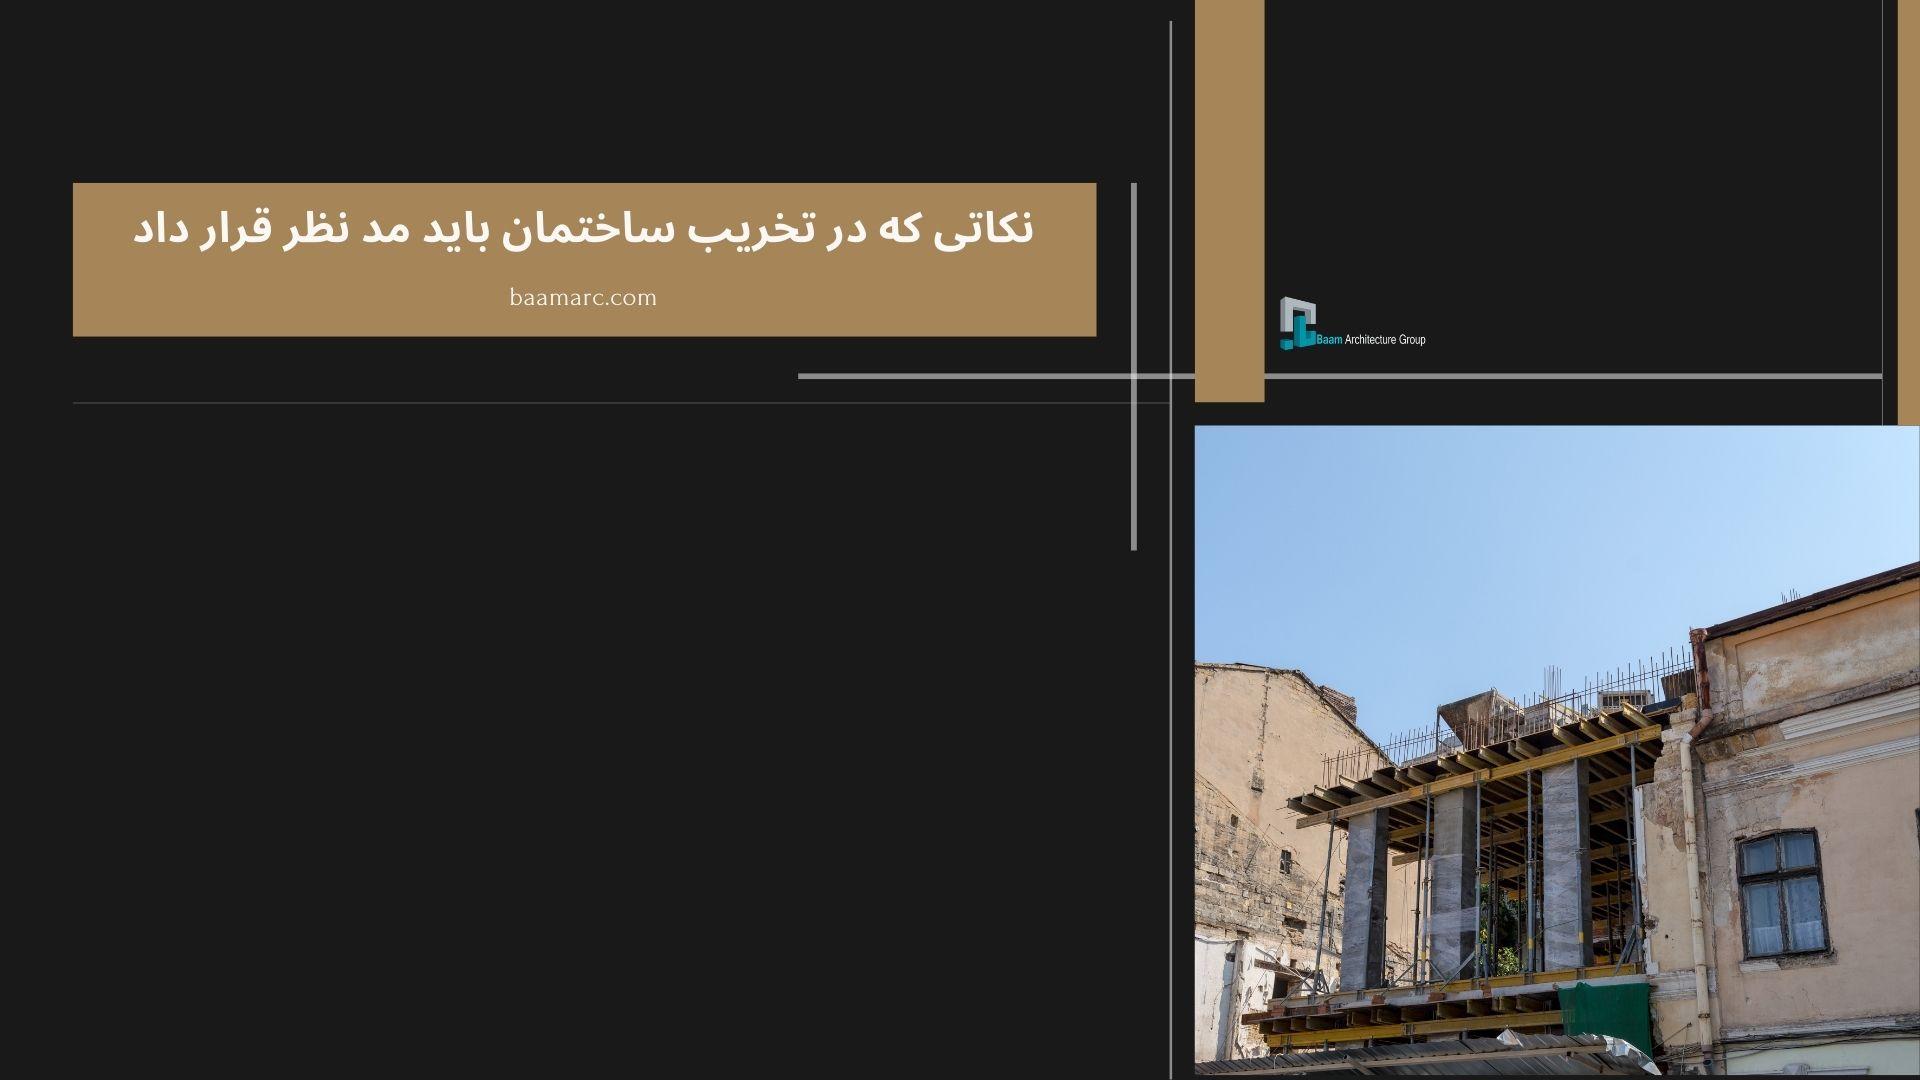 نکاتی که در تخریب ساختمان باید مد نظر قرار داد